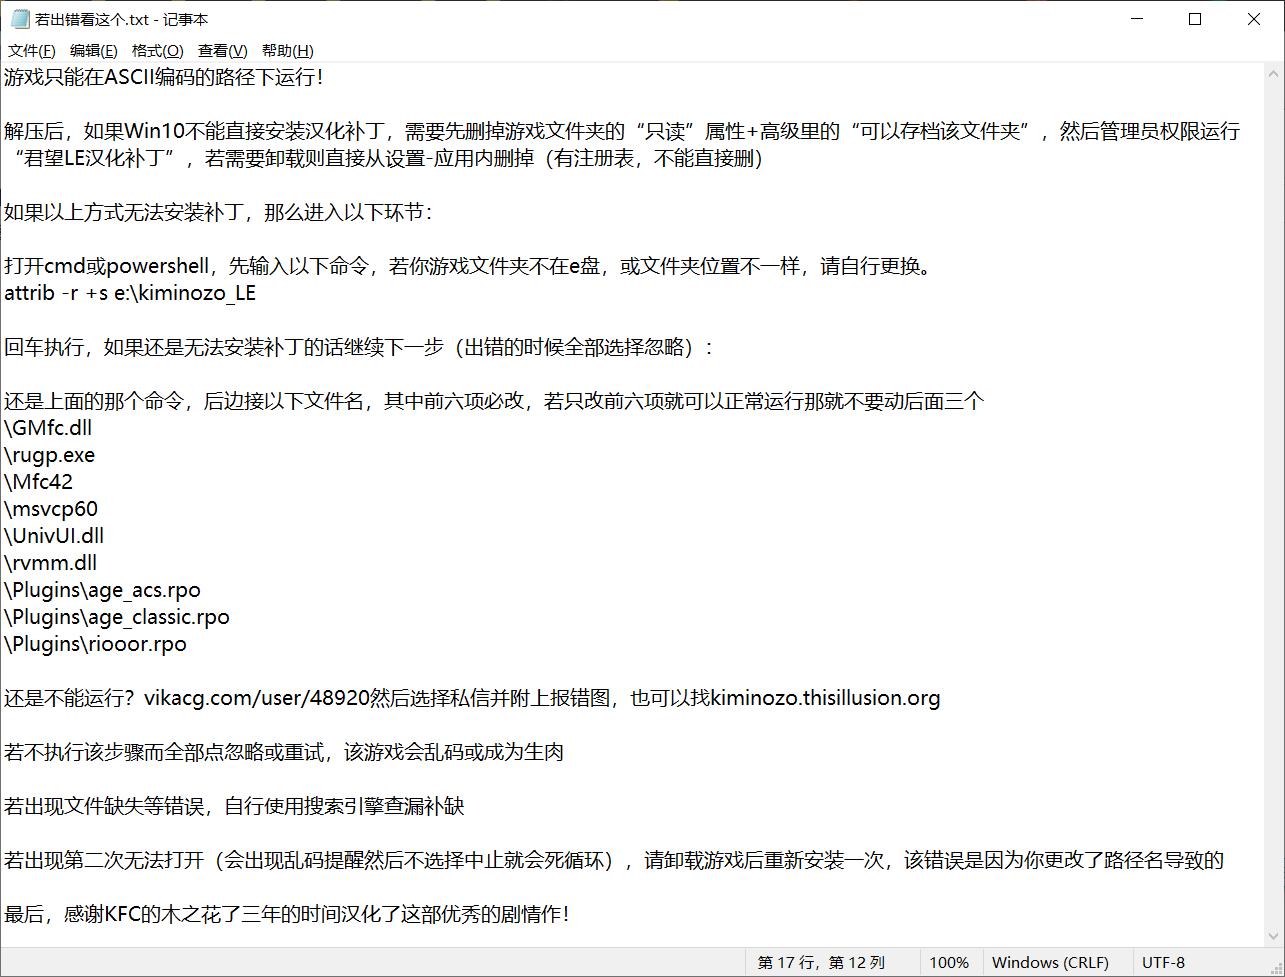 【PC/ADV/汉化】你所期望的永远/君が望む永遠 [OD] 2.51G 10